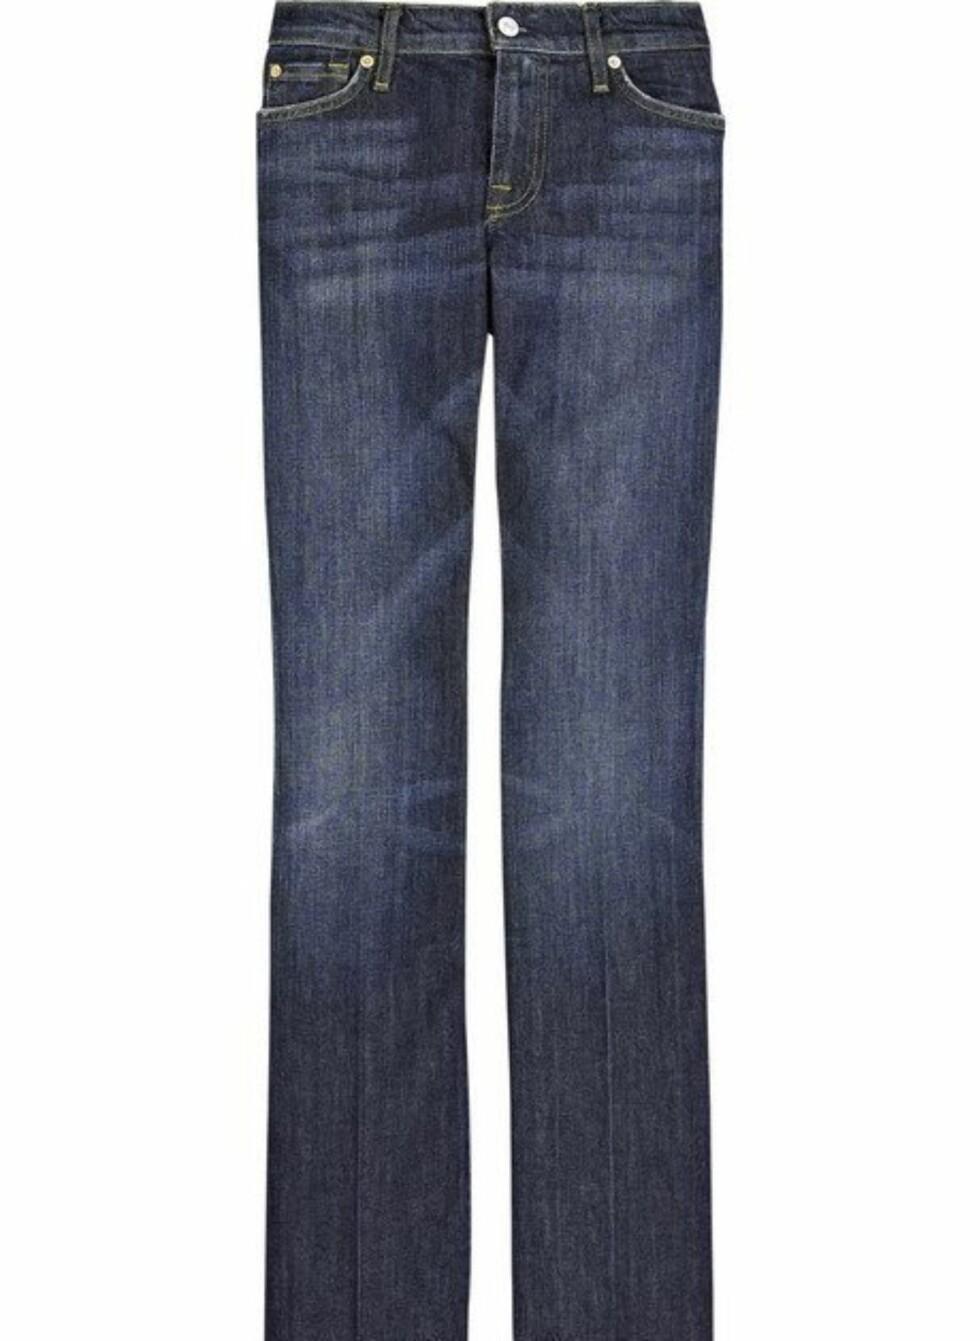 Mørke jeans med bootcut fra 7 For All Mankind/Net-a-porter, ca. kr 1630. Foto: Produsenten